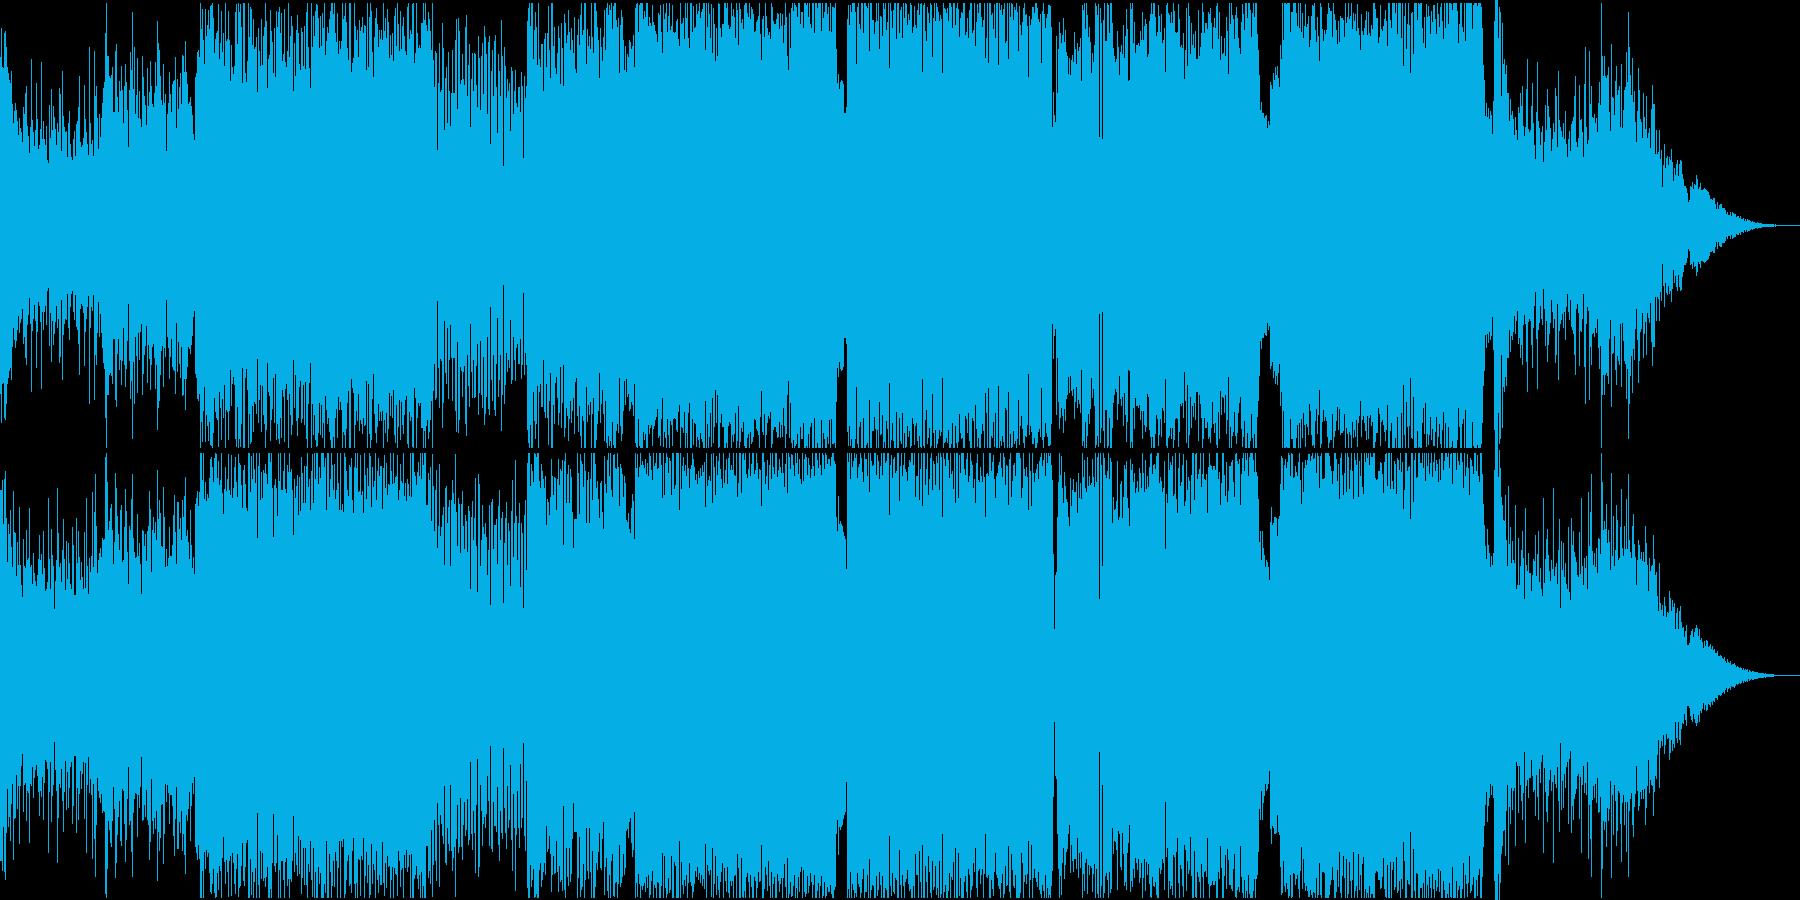 バトルの起承転の展開まで網羅する曲の再生済みの波形